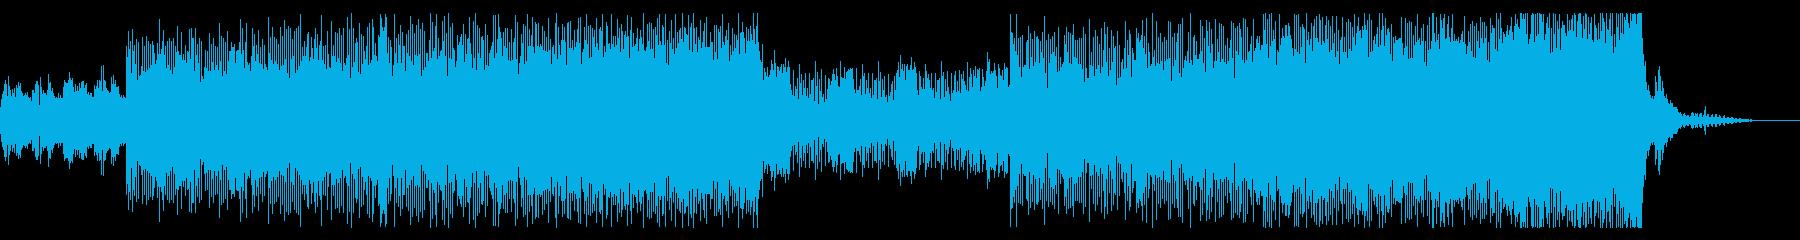 アップテンポの力強いビートの再生済みの波形